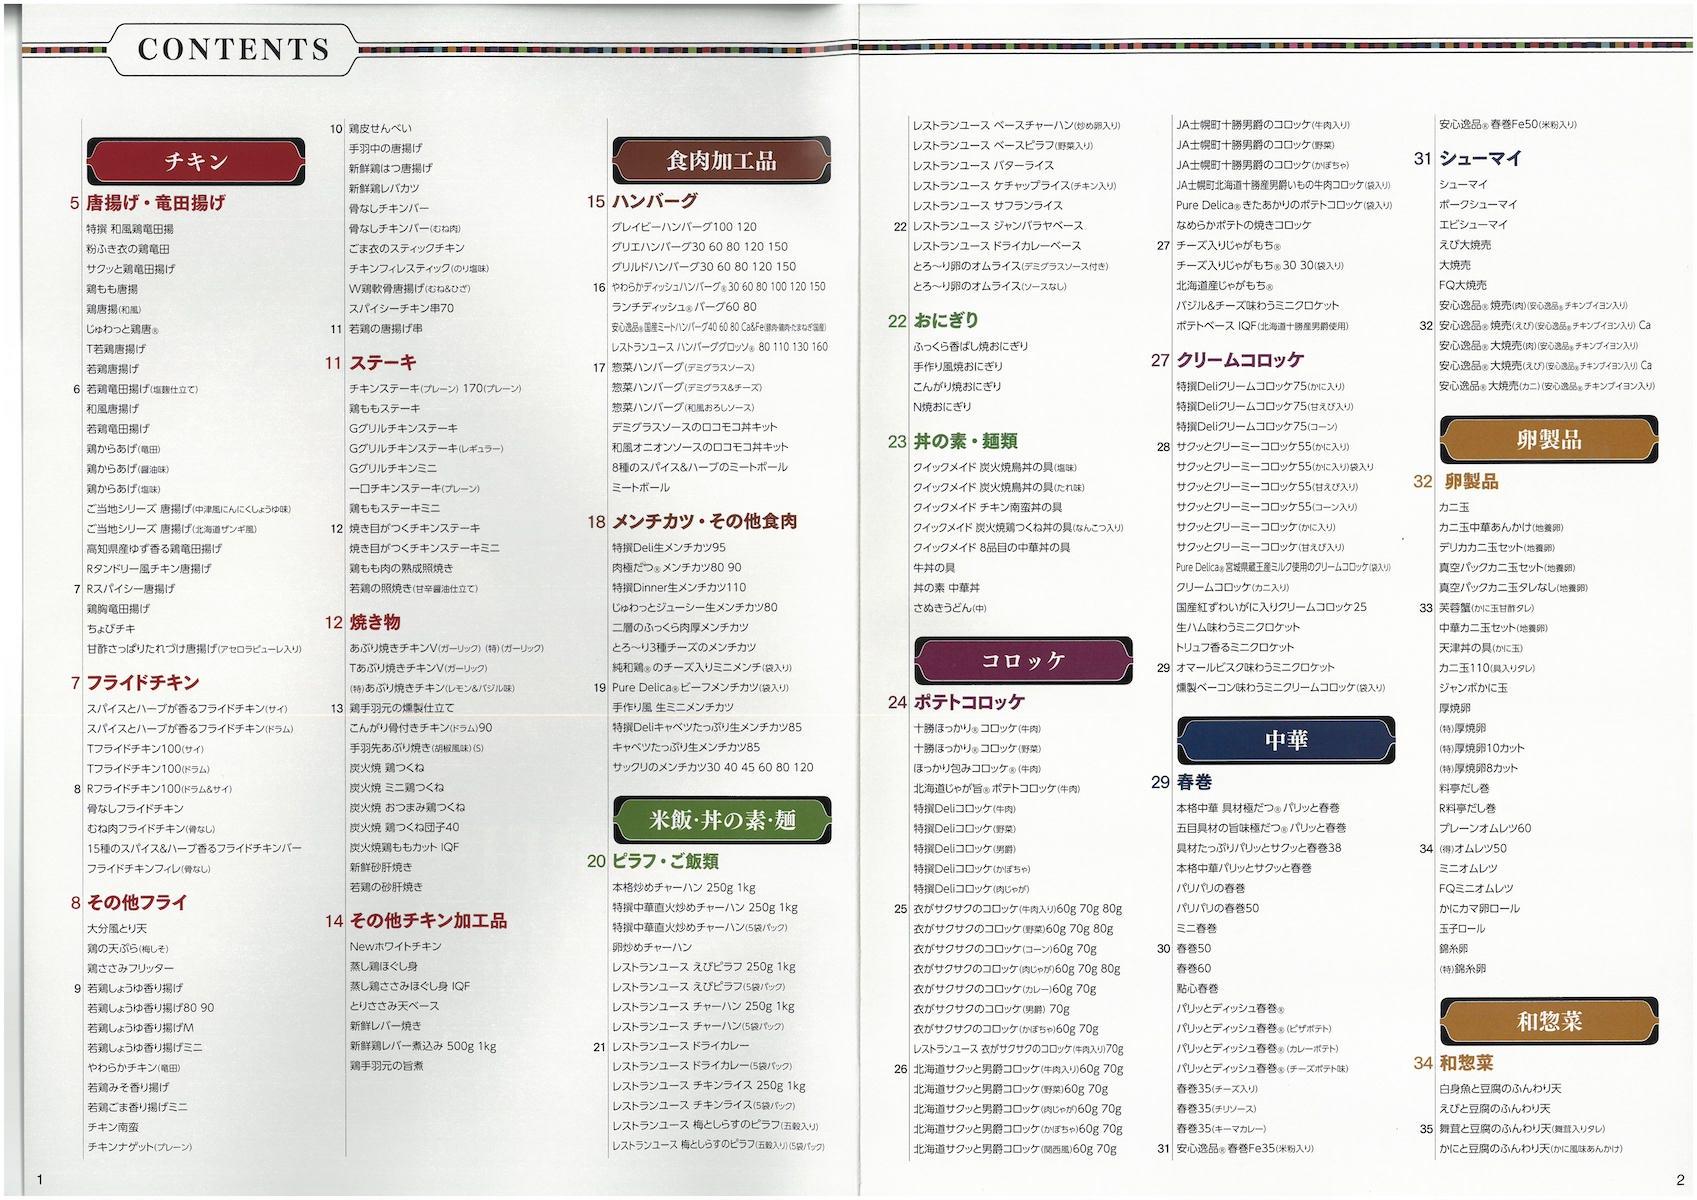 ニチレイフーズ総合商品カタログ2019 業務用 冷凍・常温商品 NICHIREI CATALOG2019